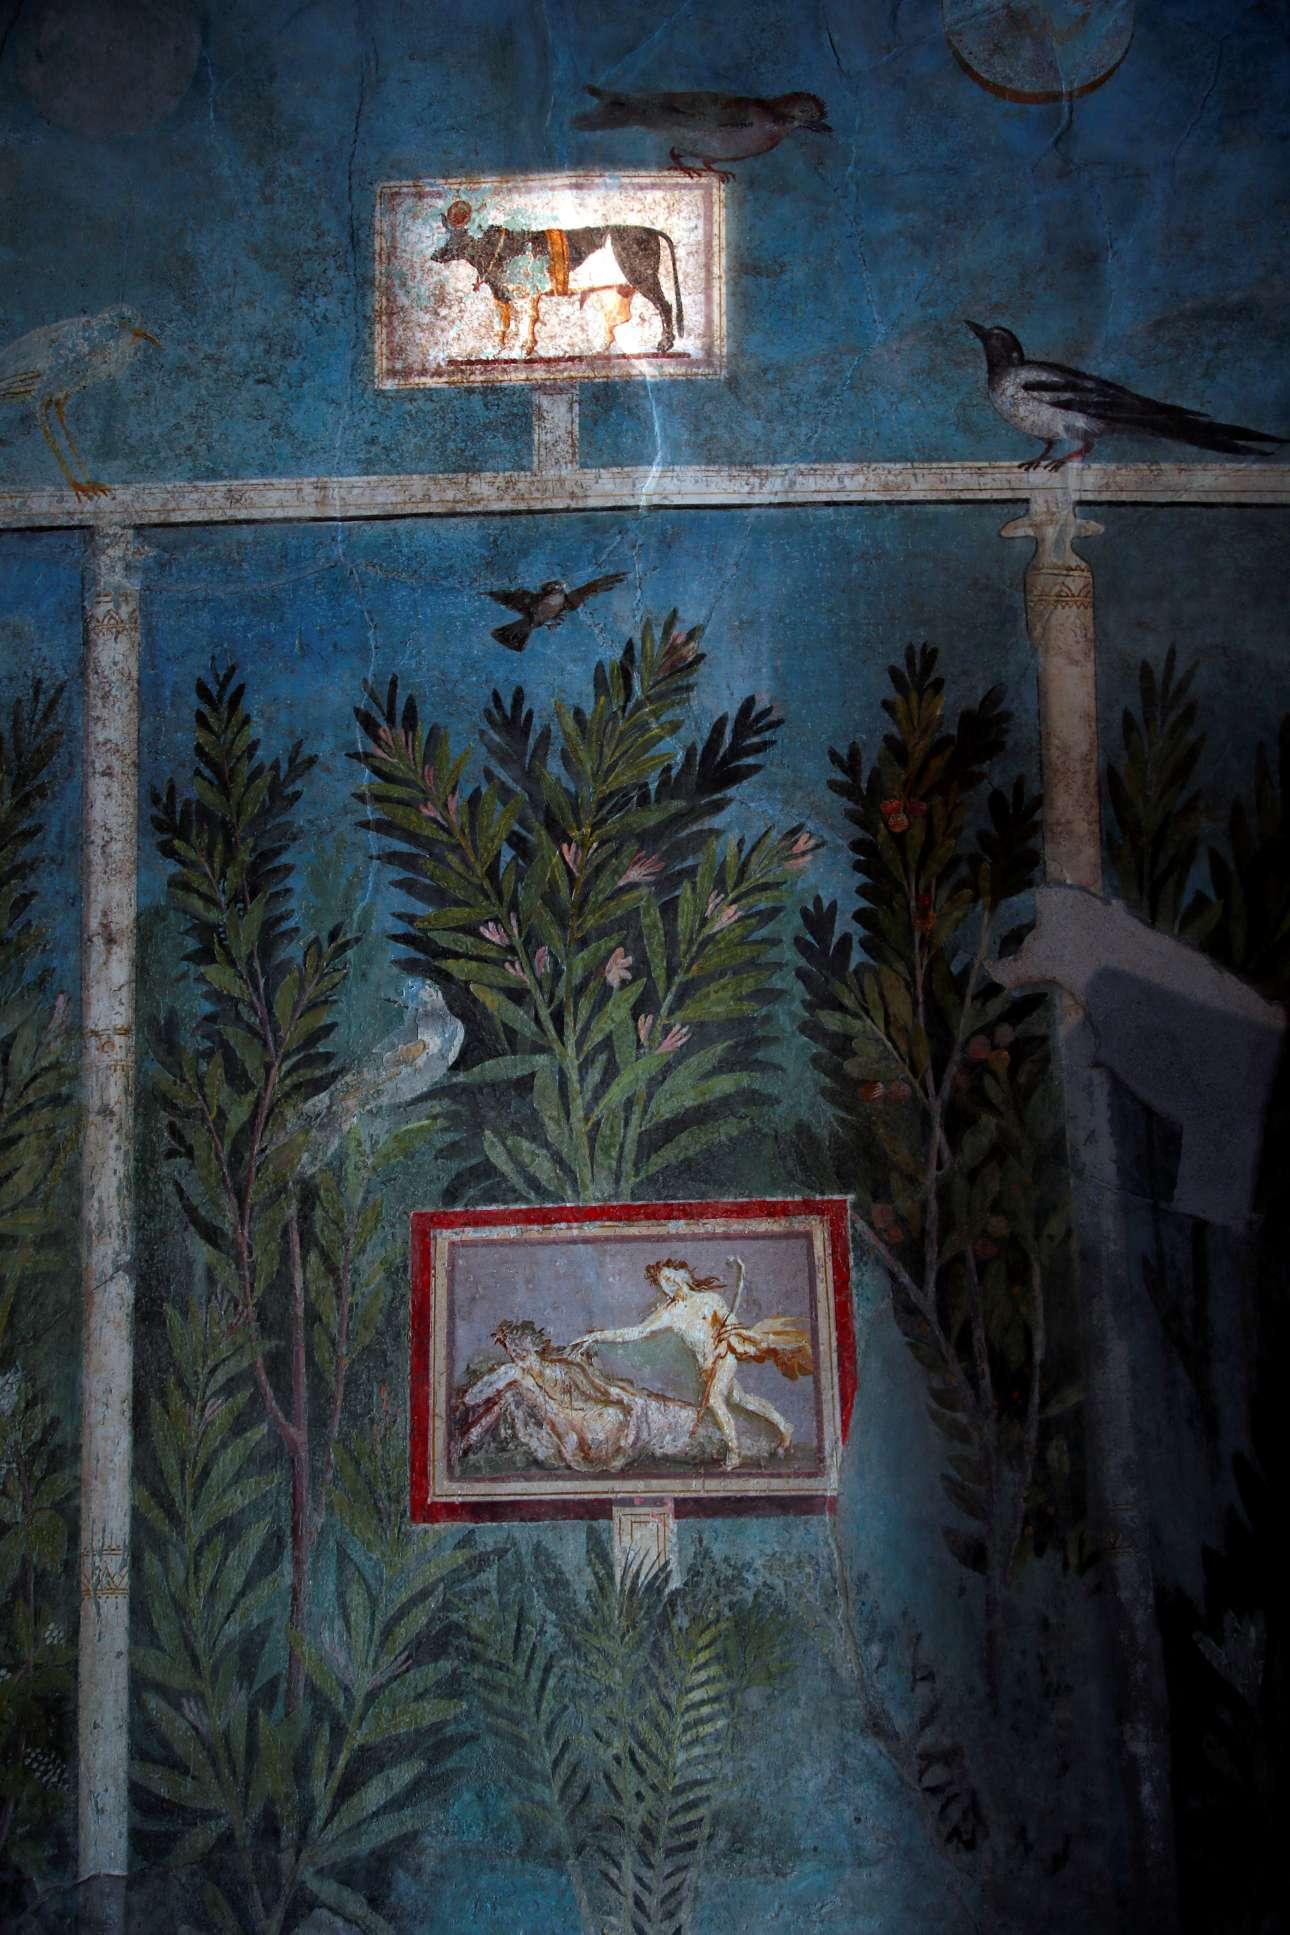 Μία από τις υπέροχες τοιχογραφίες στο Σπίτι του Οπωρώνα